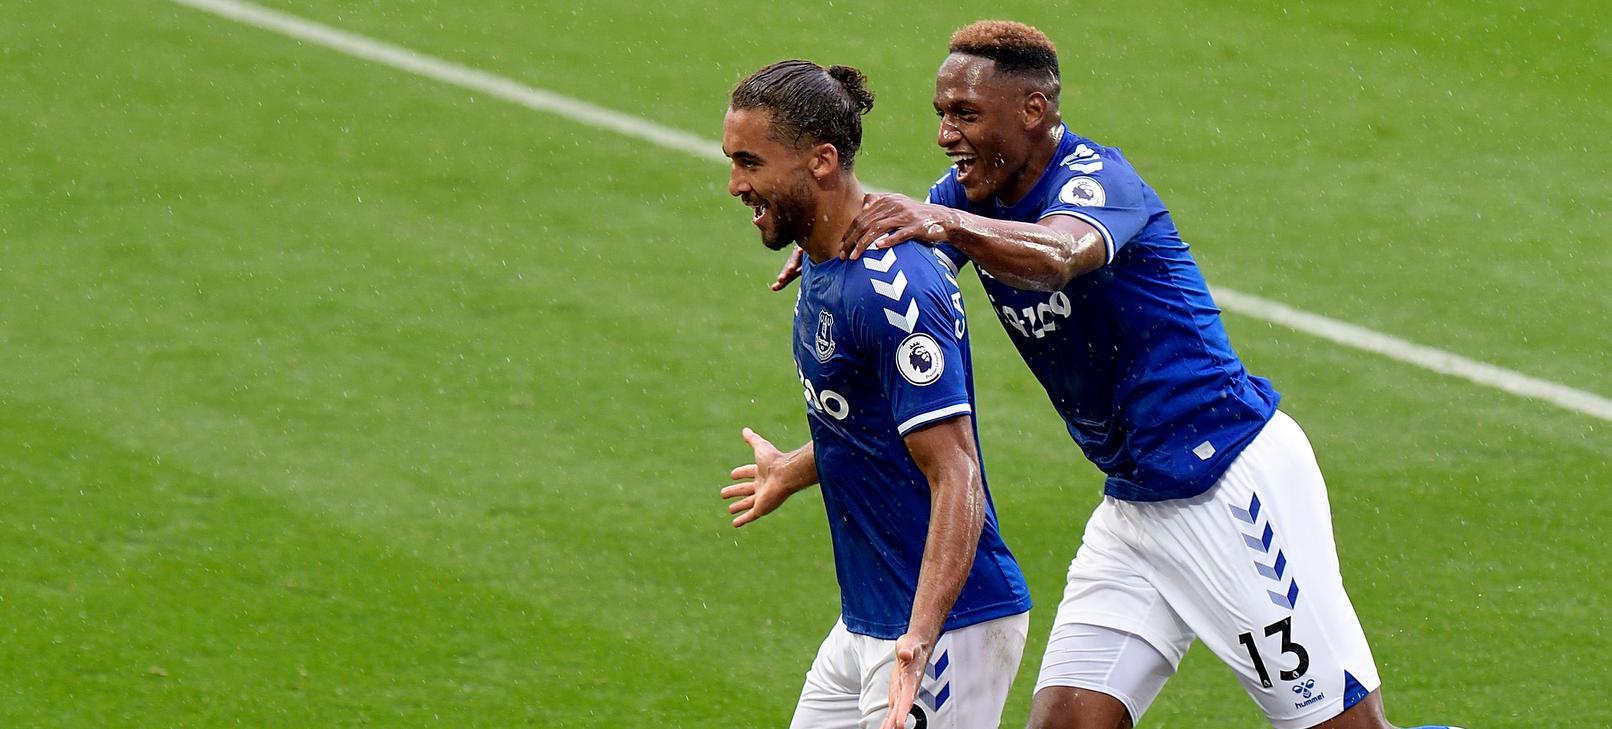 Calvert Lewin On Reasons Behind Everton S Stunning Start To Season